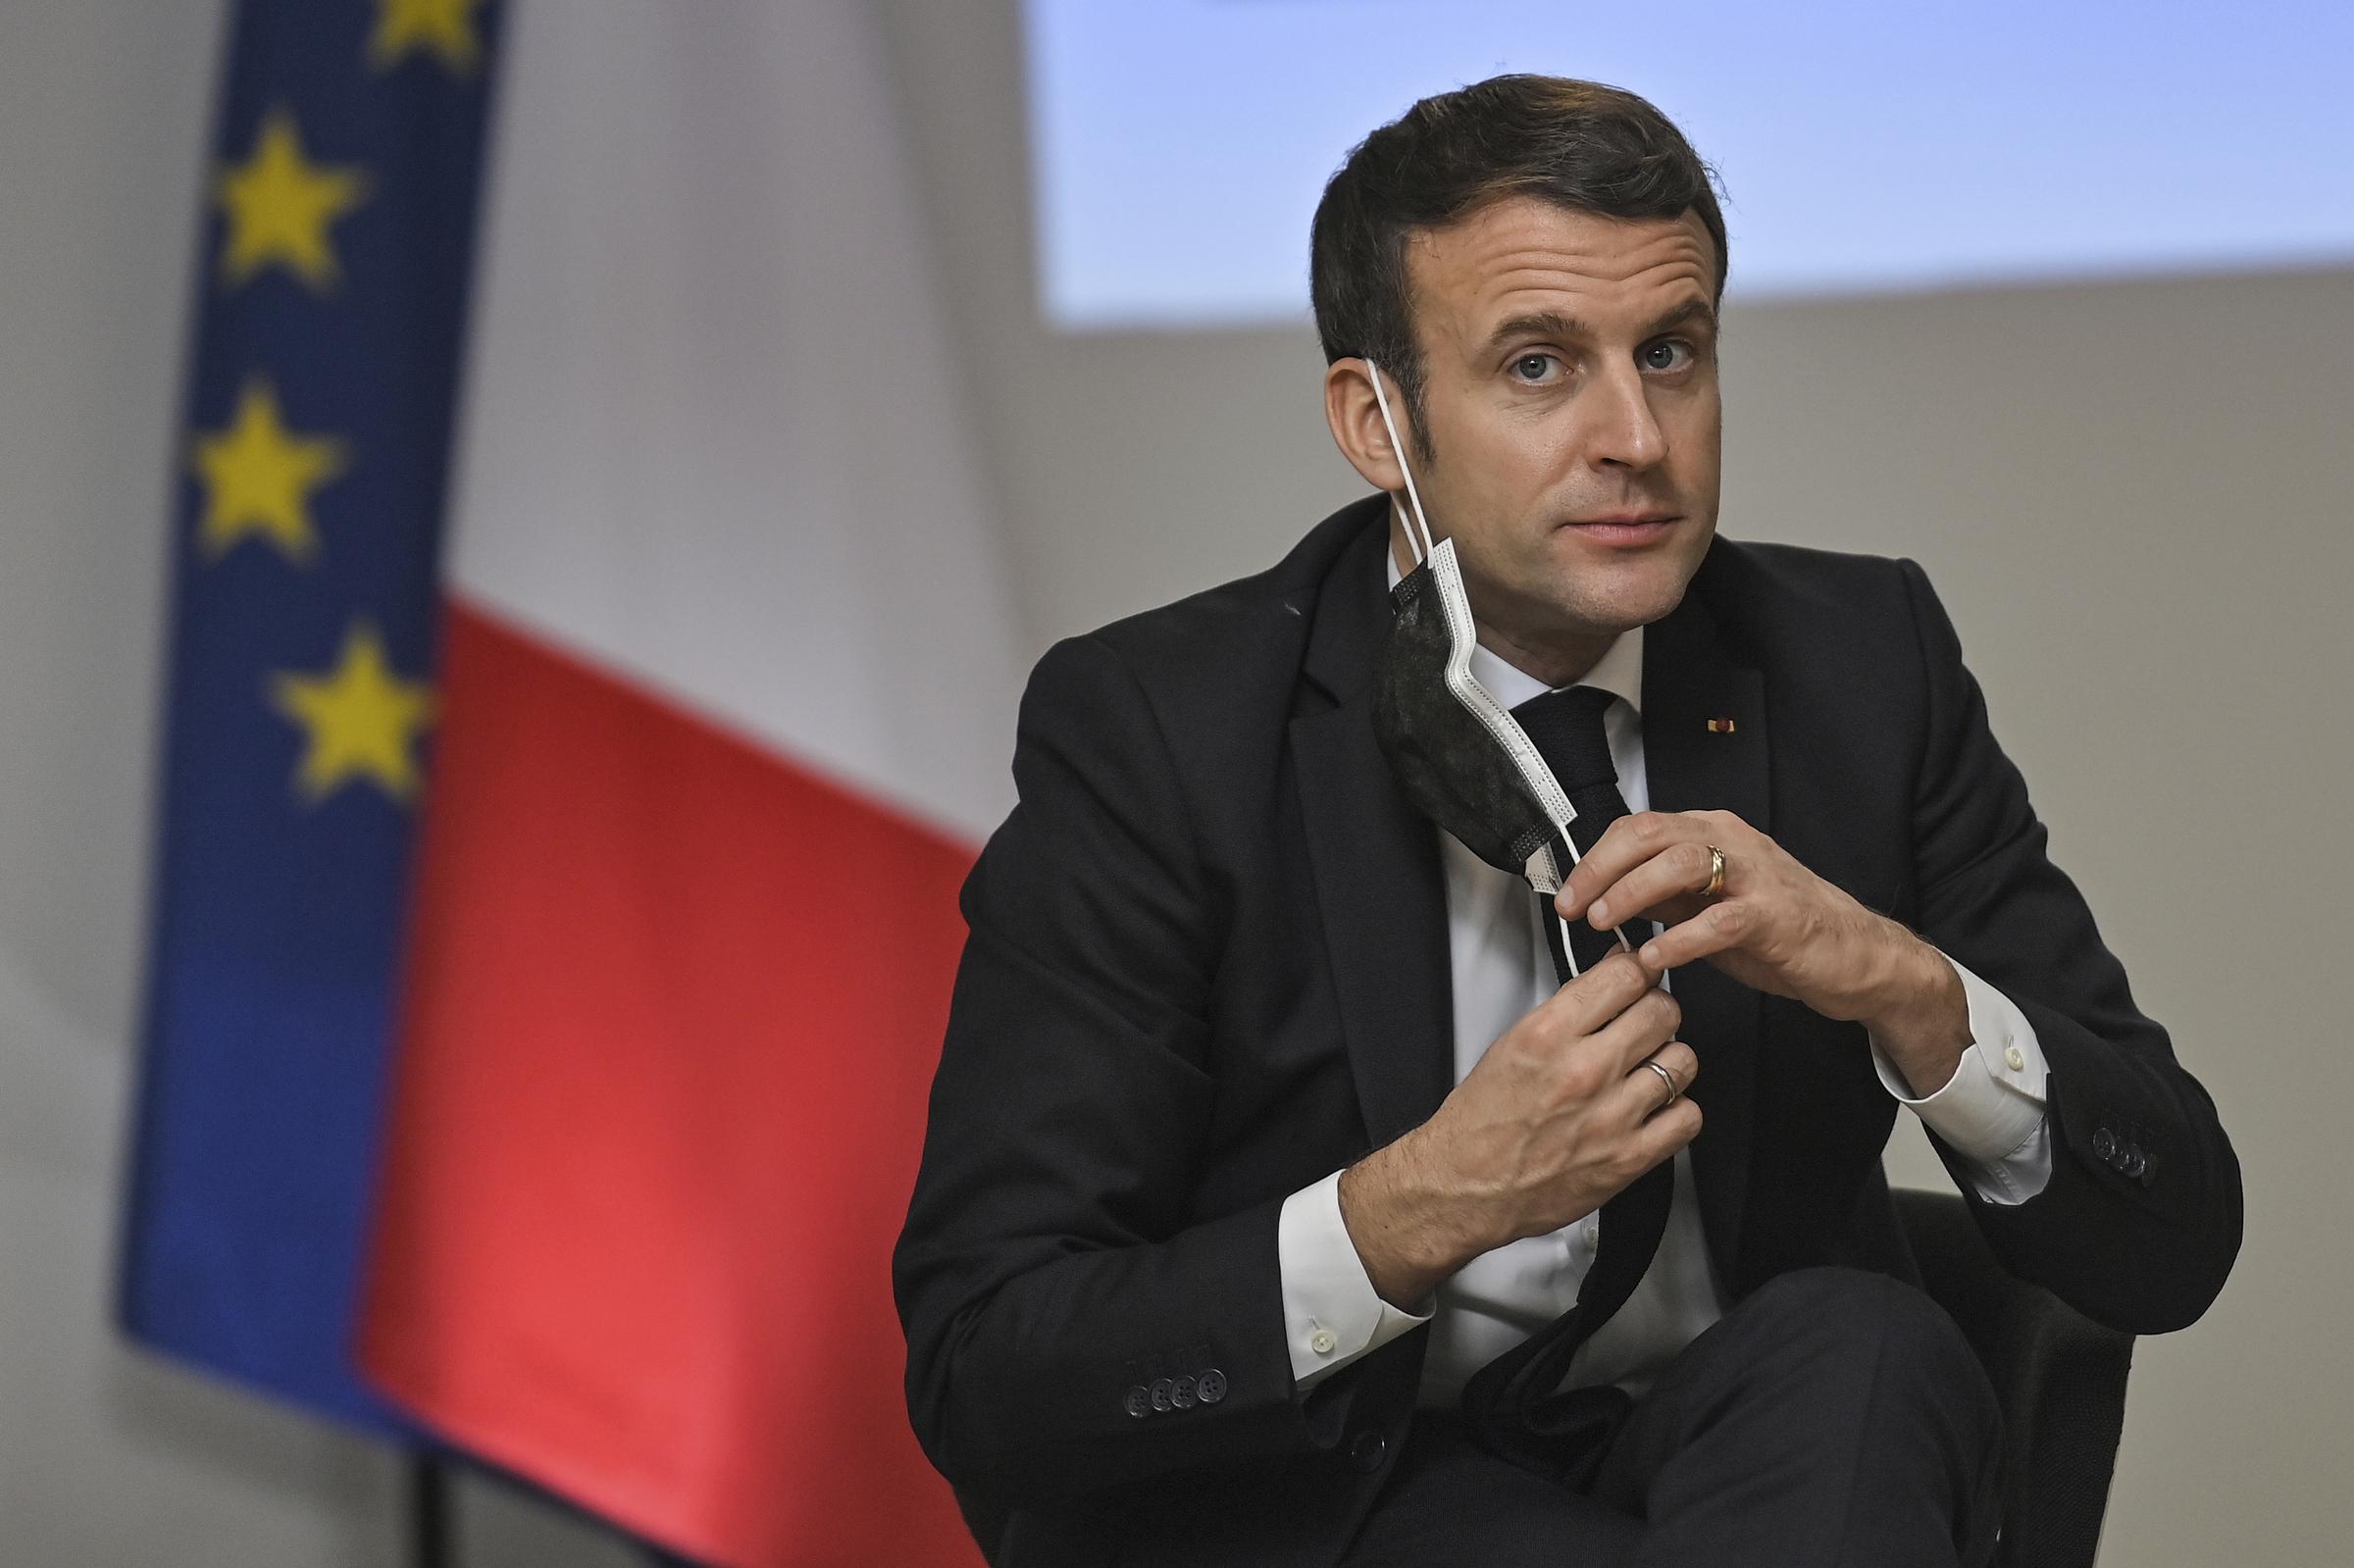 «presidente-macron,-non-tradisca-l'impegno-della-francia-con-i-rifugiati-italiani»